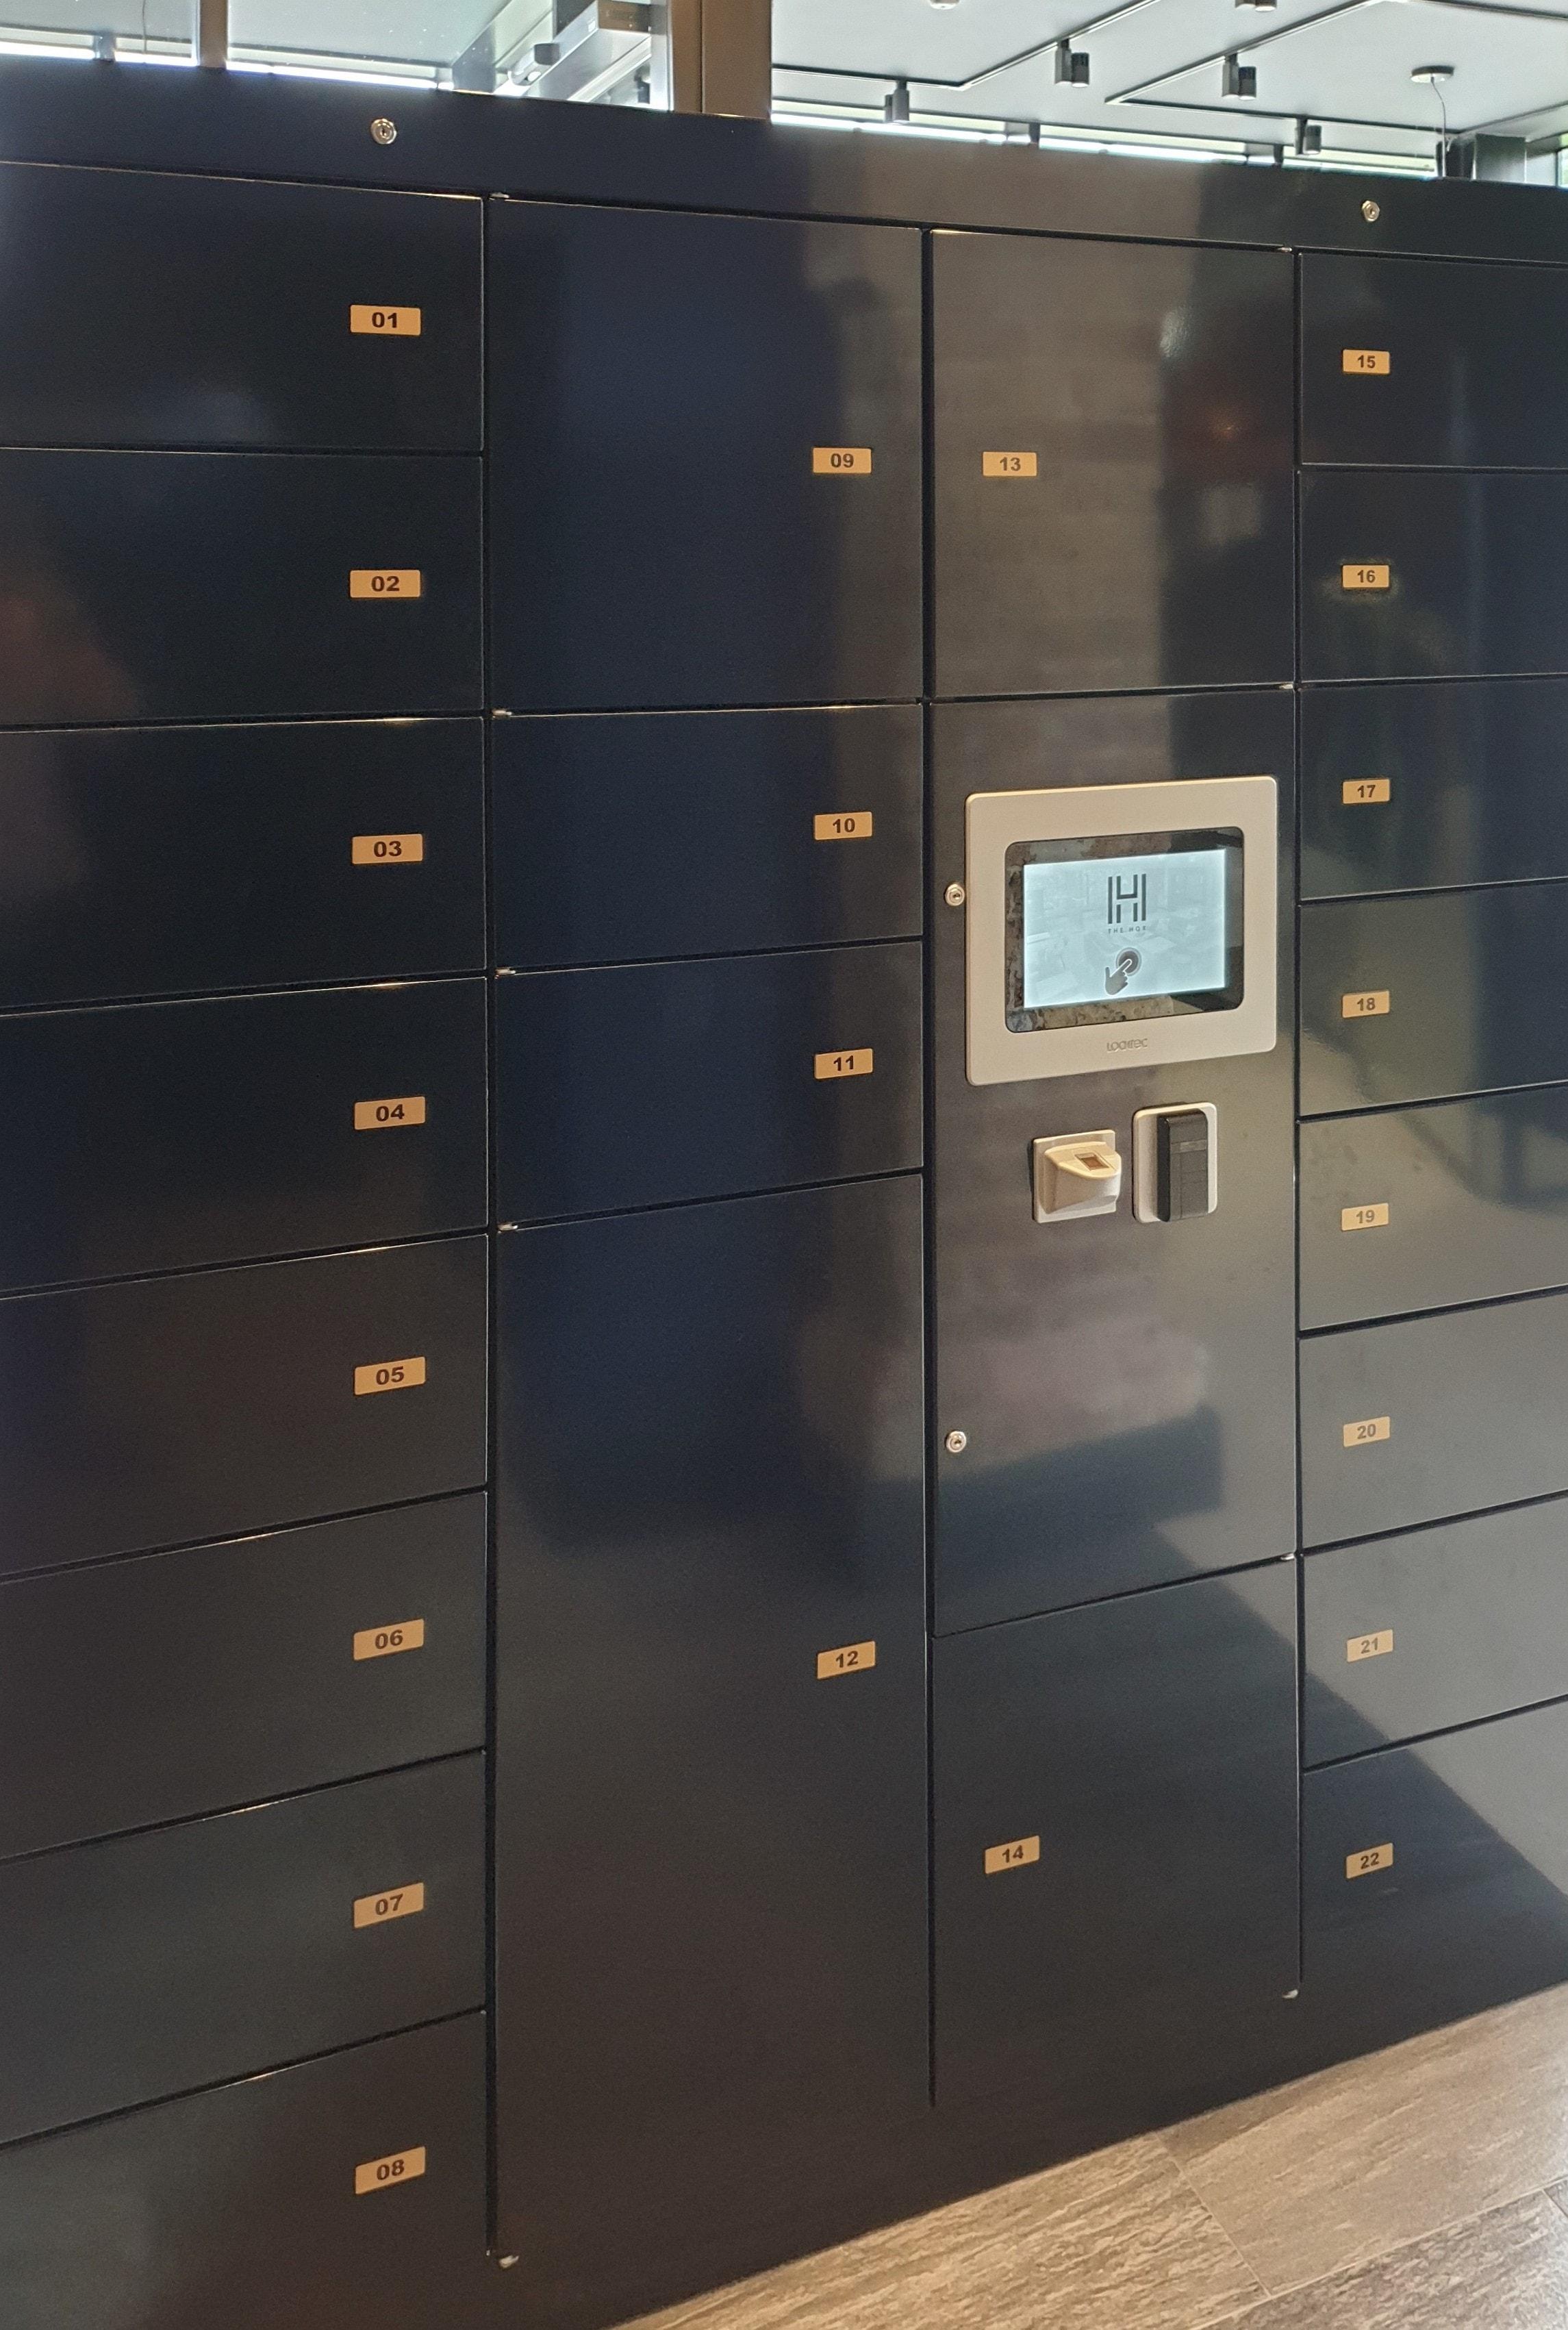 Paketstation für Wohngebäude - E-Concierge von LockTec